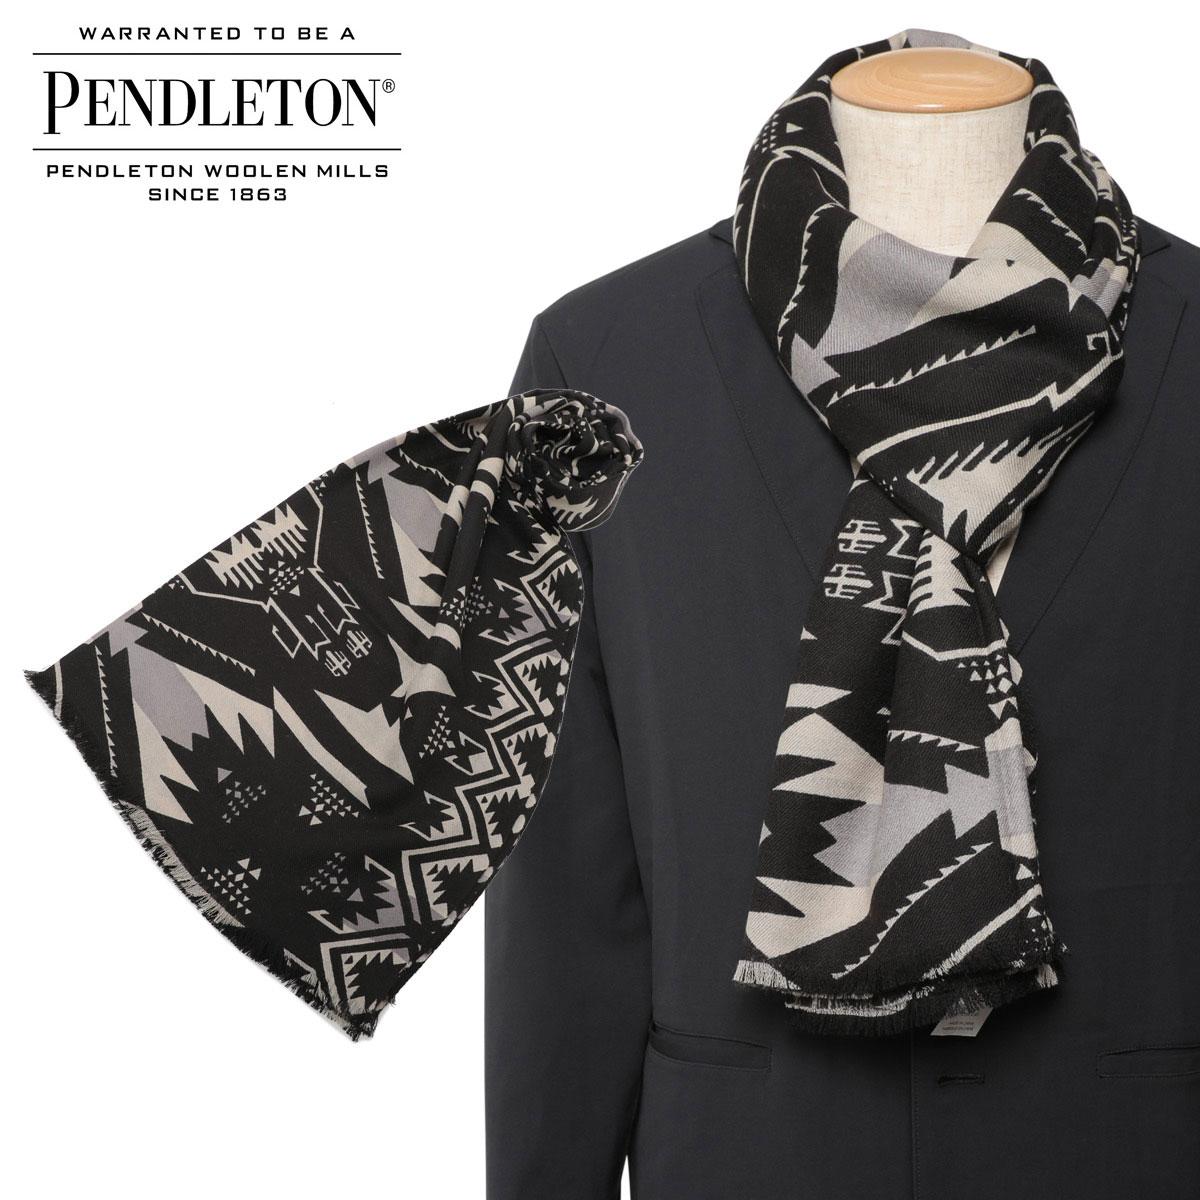 PENDLETON PRINTED SCARF ペンドルトン マフラー メンズ レディース 大判 ウール ブラック GS755